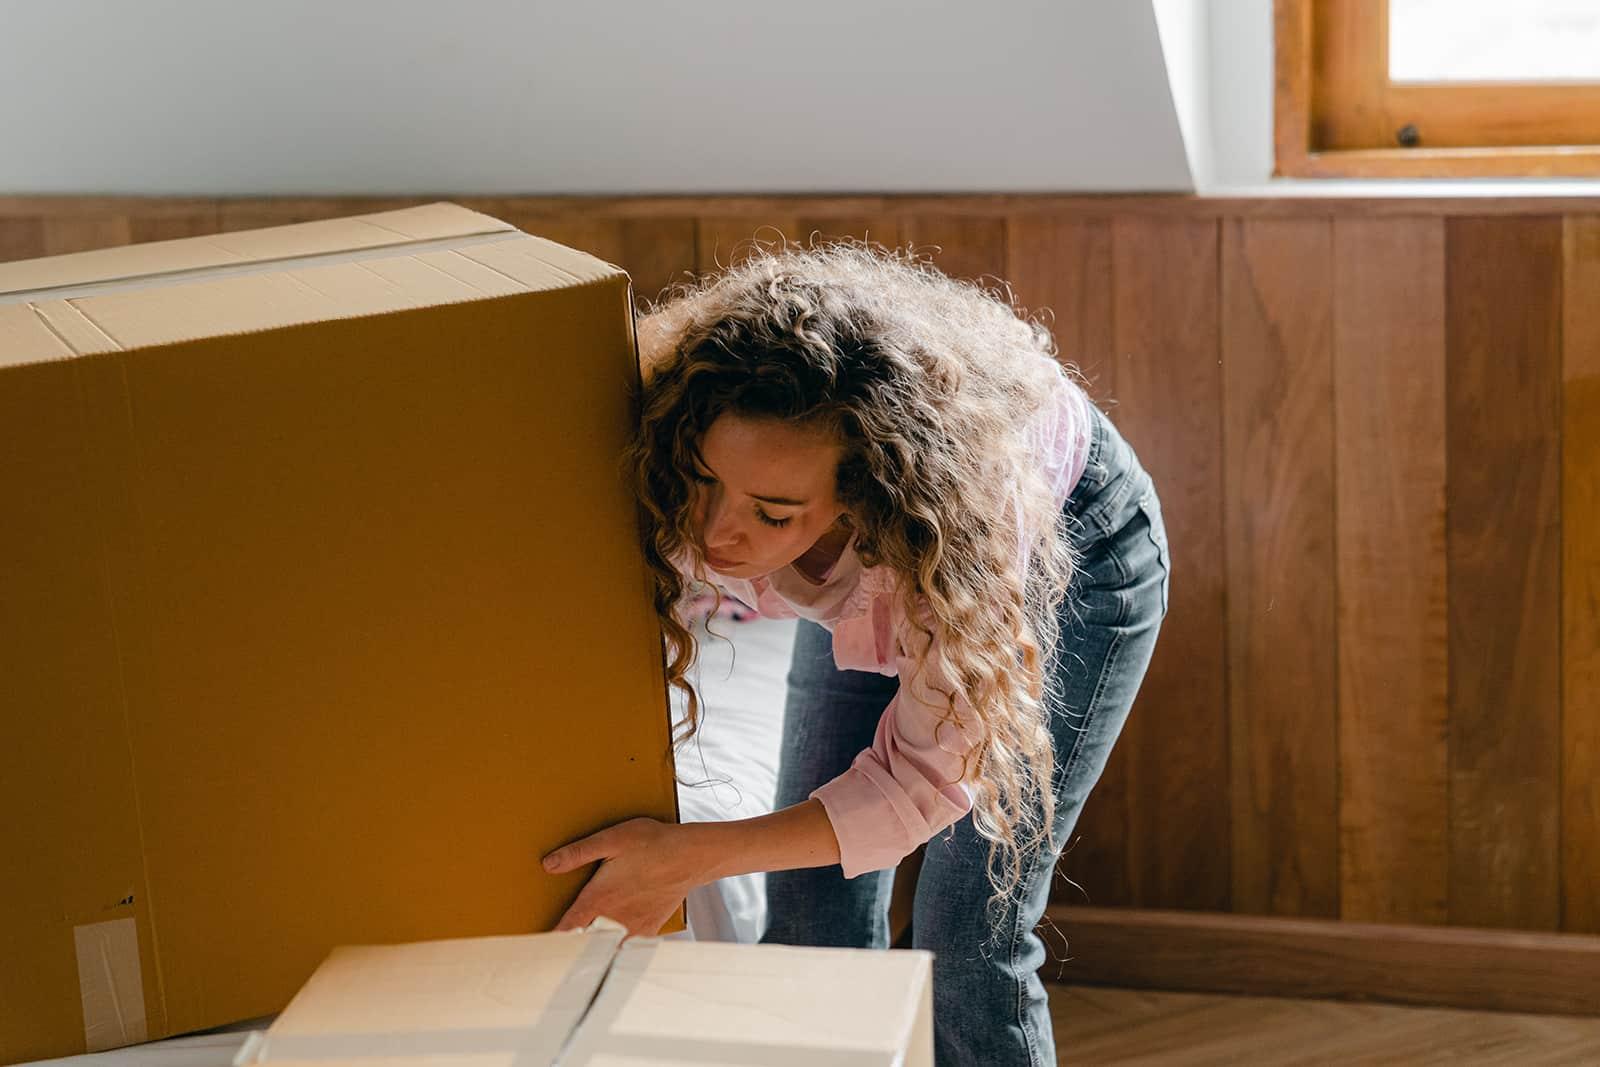 eine Frau, die Kartons bewegt, während sie alte Sachen aufbewahrt